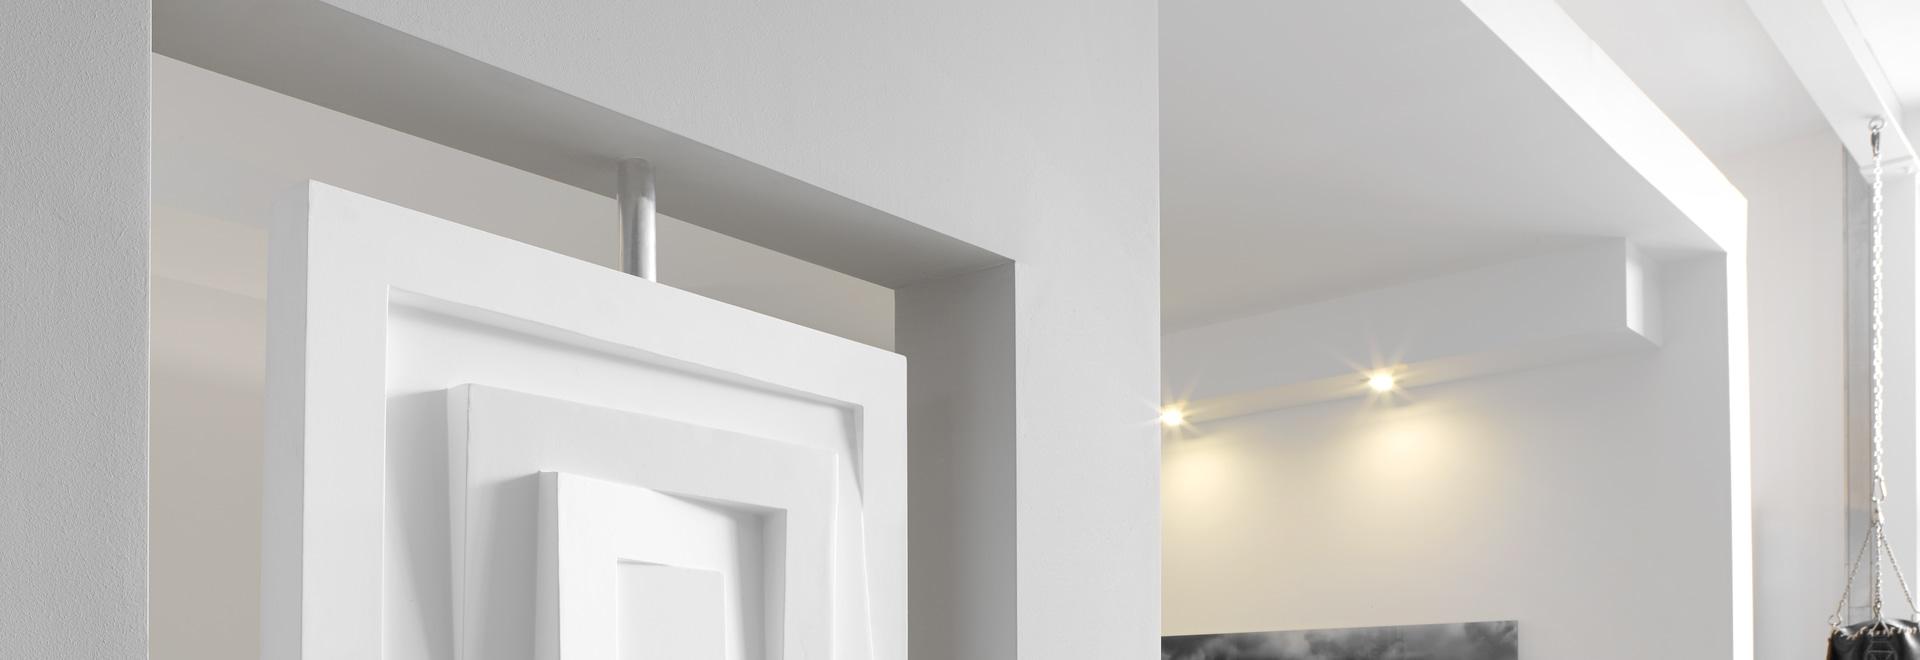 accensione delle soluzioni per i modanature decorativi